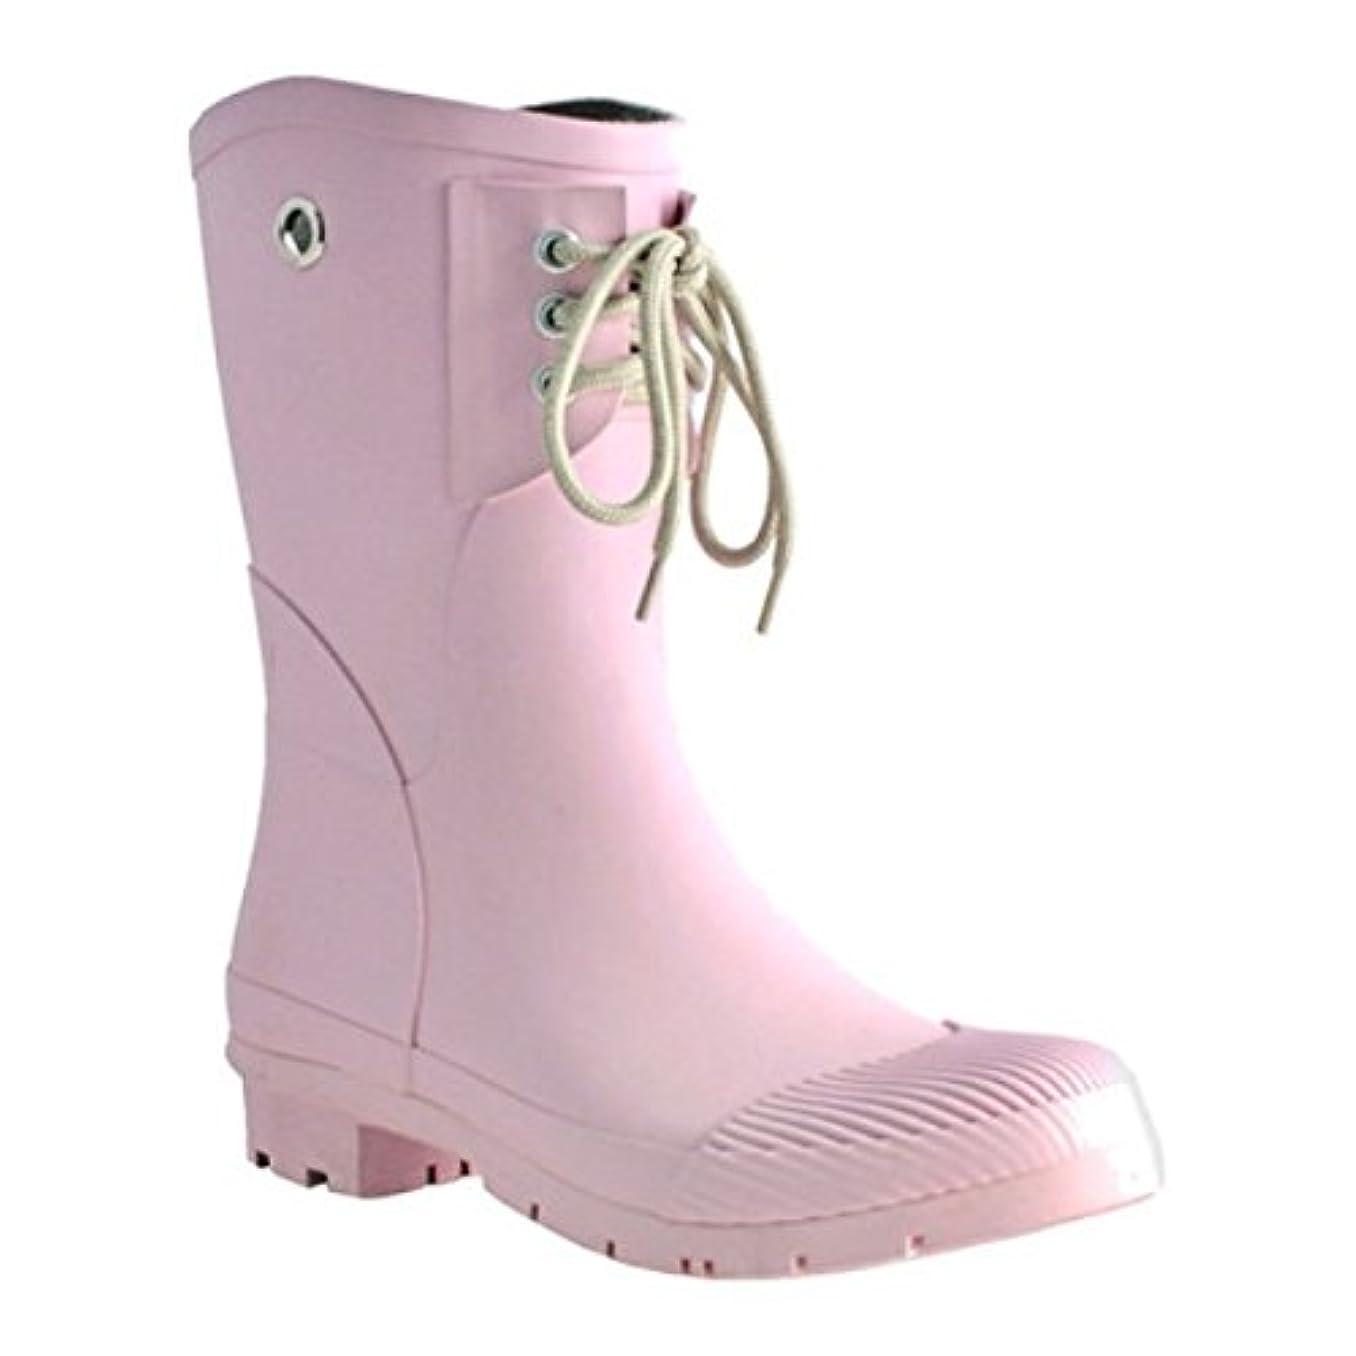 哺乳類デザイナー裁判所(ノマド) Nomad レディース シューズ?靴 ブーツ Kelly B Rain Boot [並行輸入品]